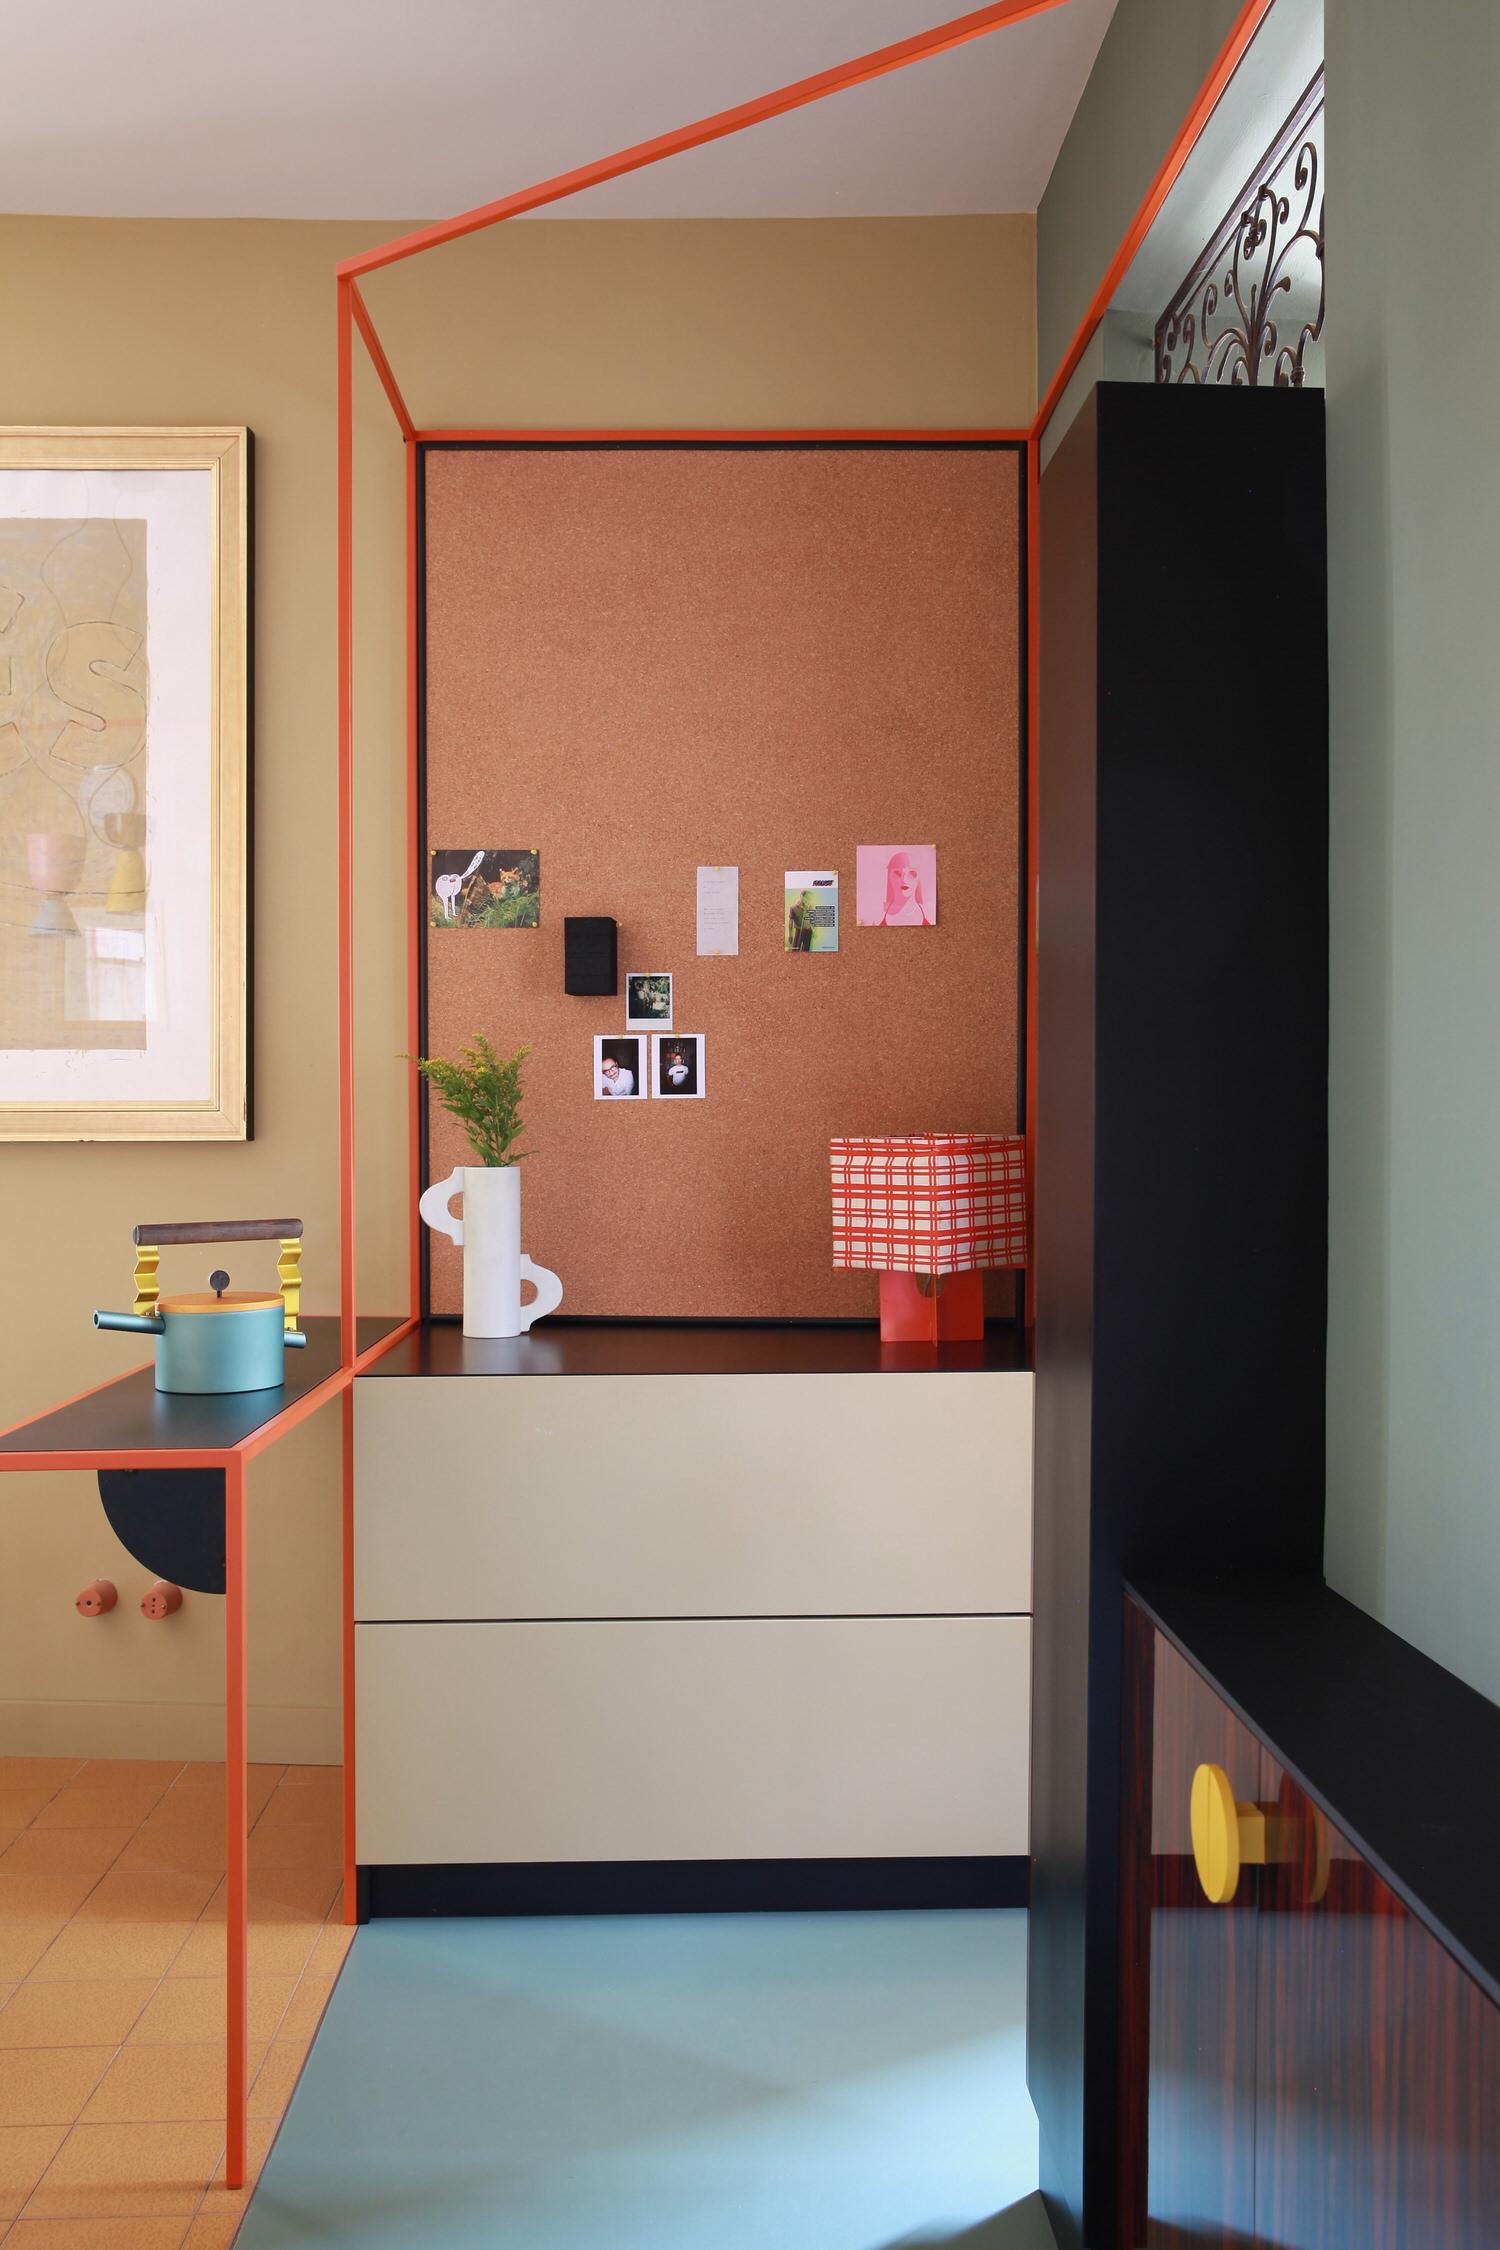 Marcante Testa Private House Renovation Cavallermaggiore Photo Carola Ripamonti Yellowtrace 17